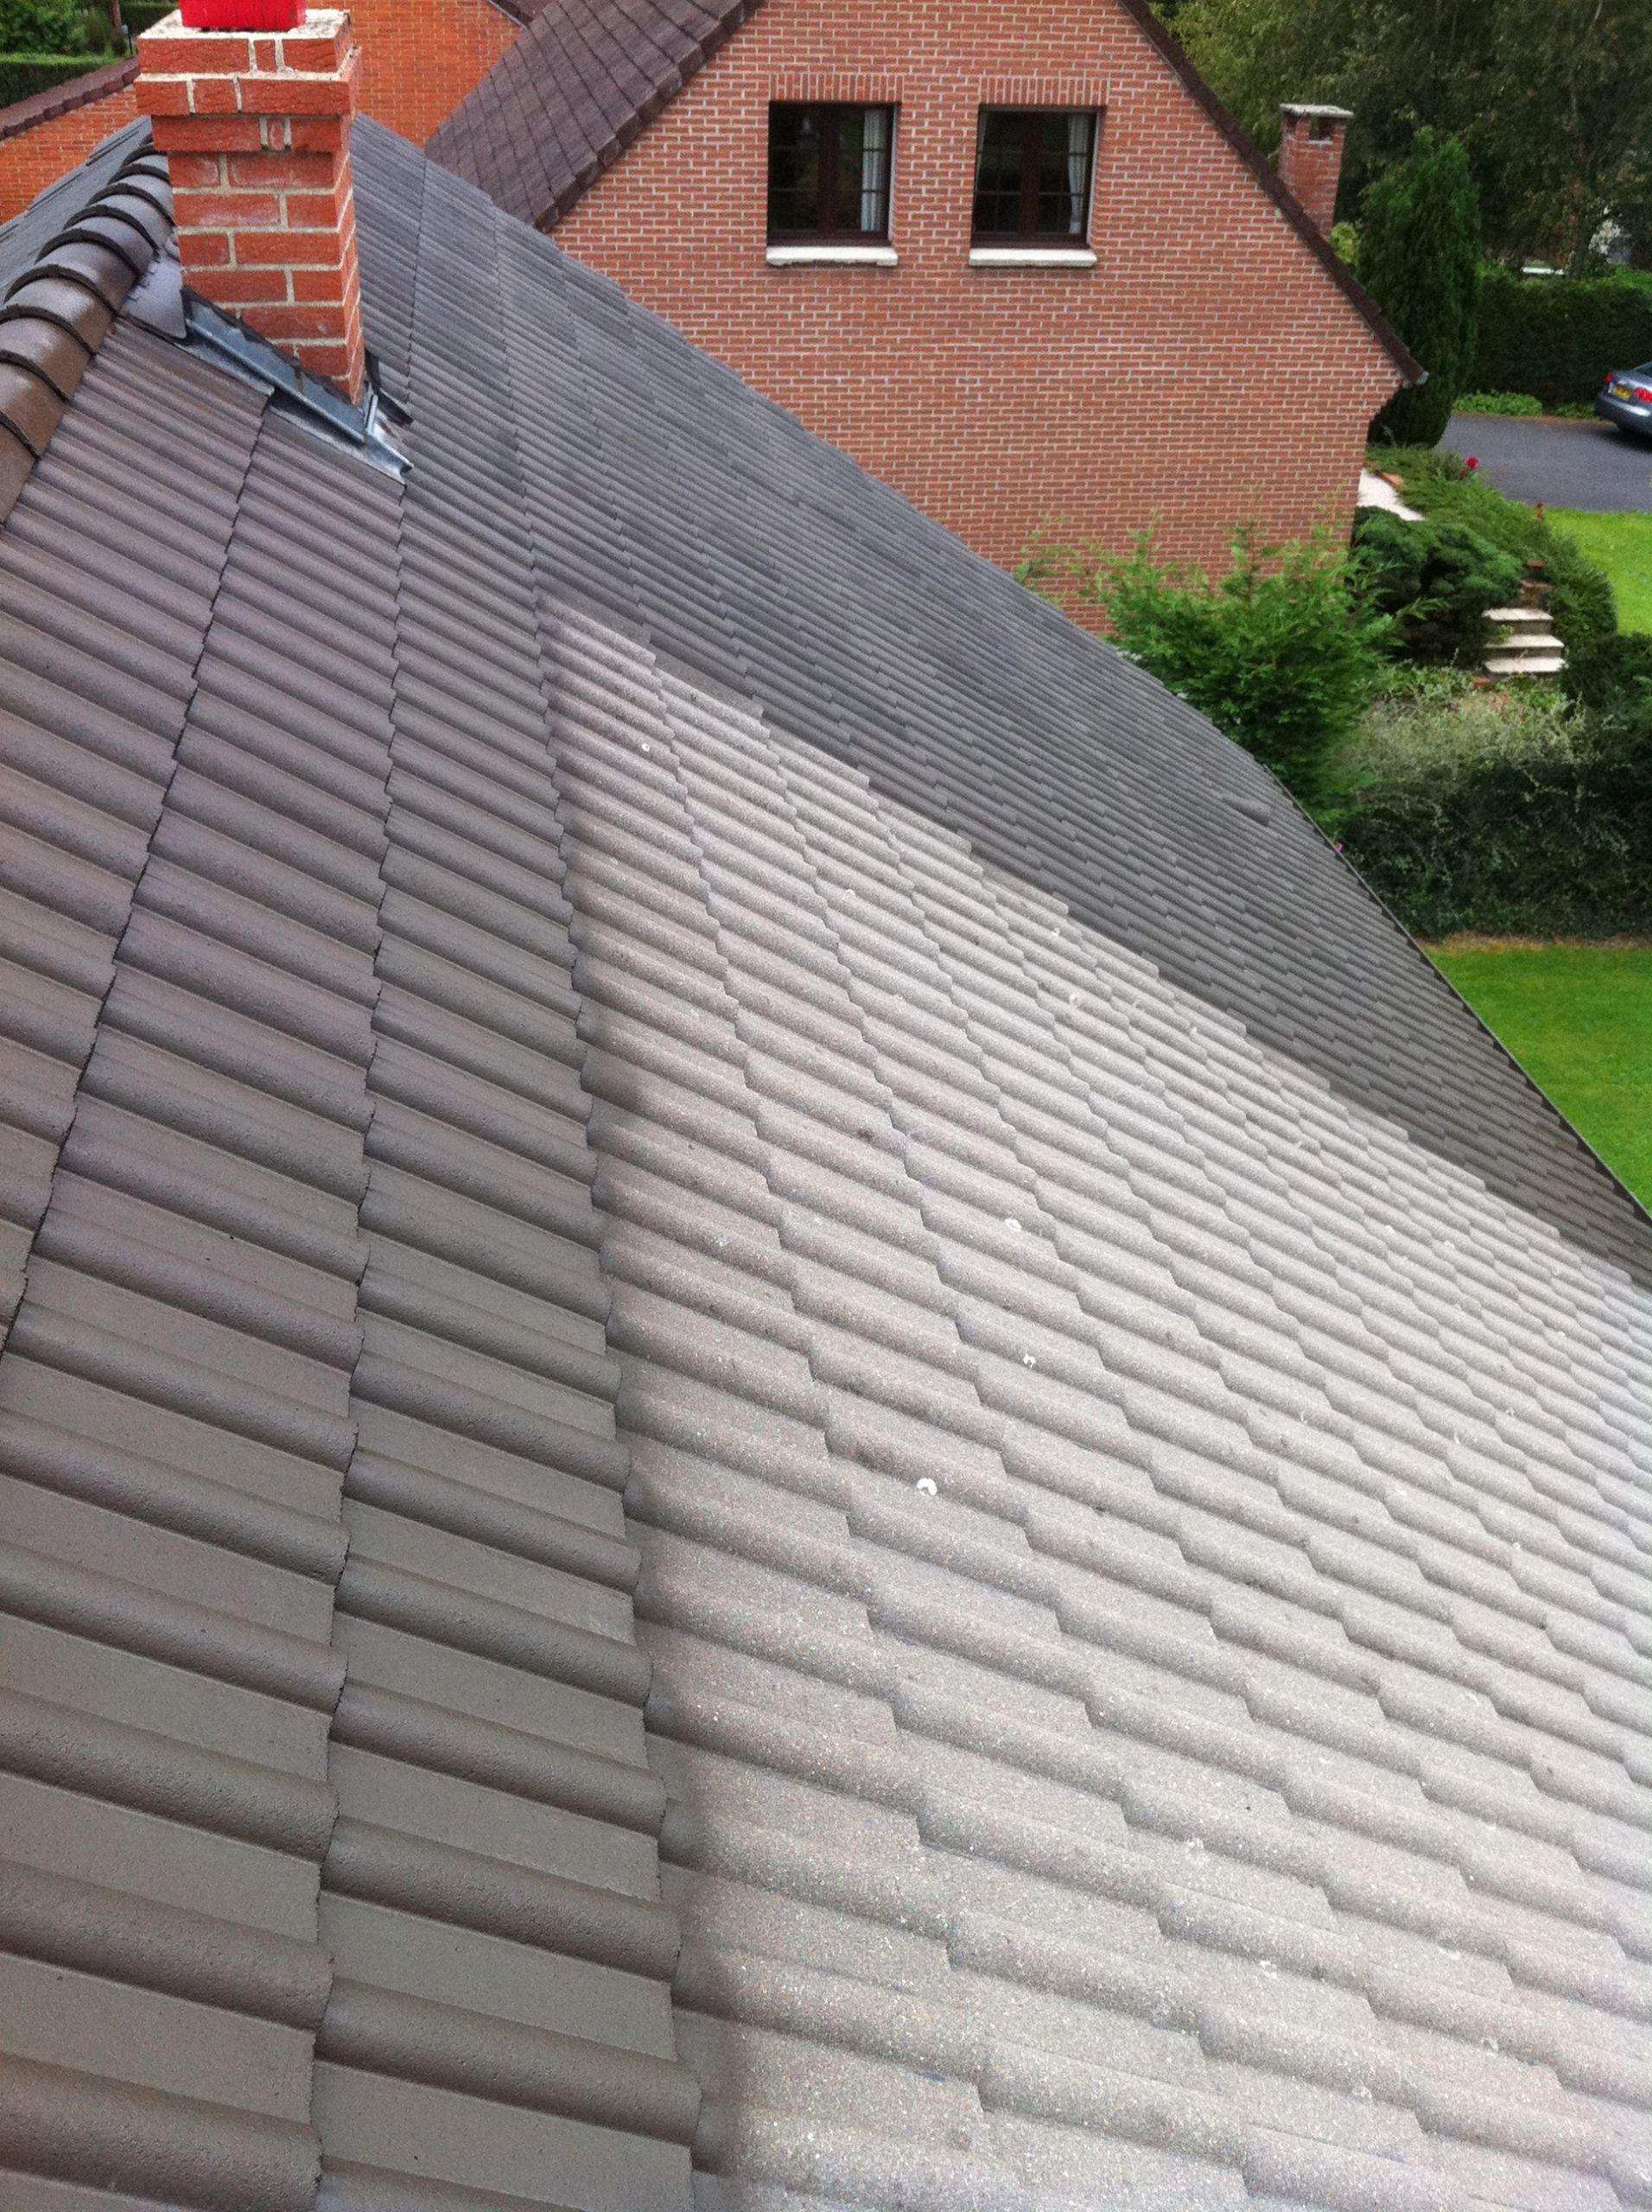 Rénovation toiture tuile béton terre cuite Maubeuge Avesnois